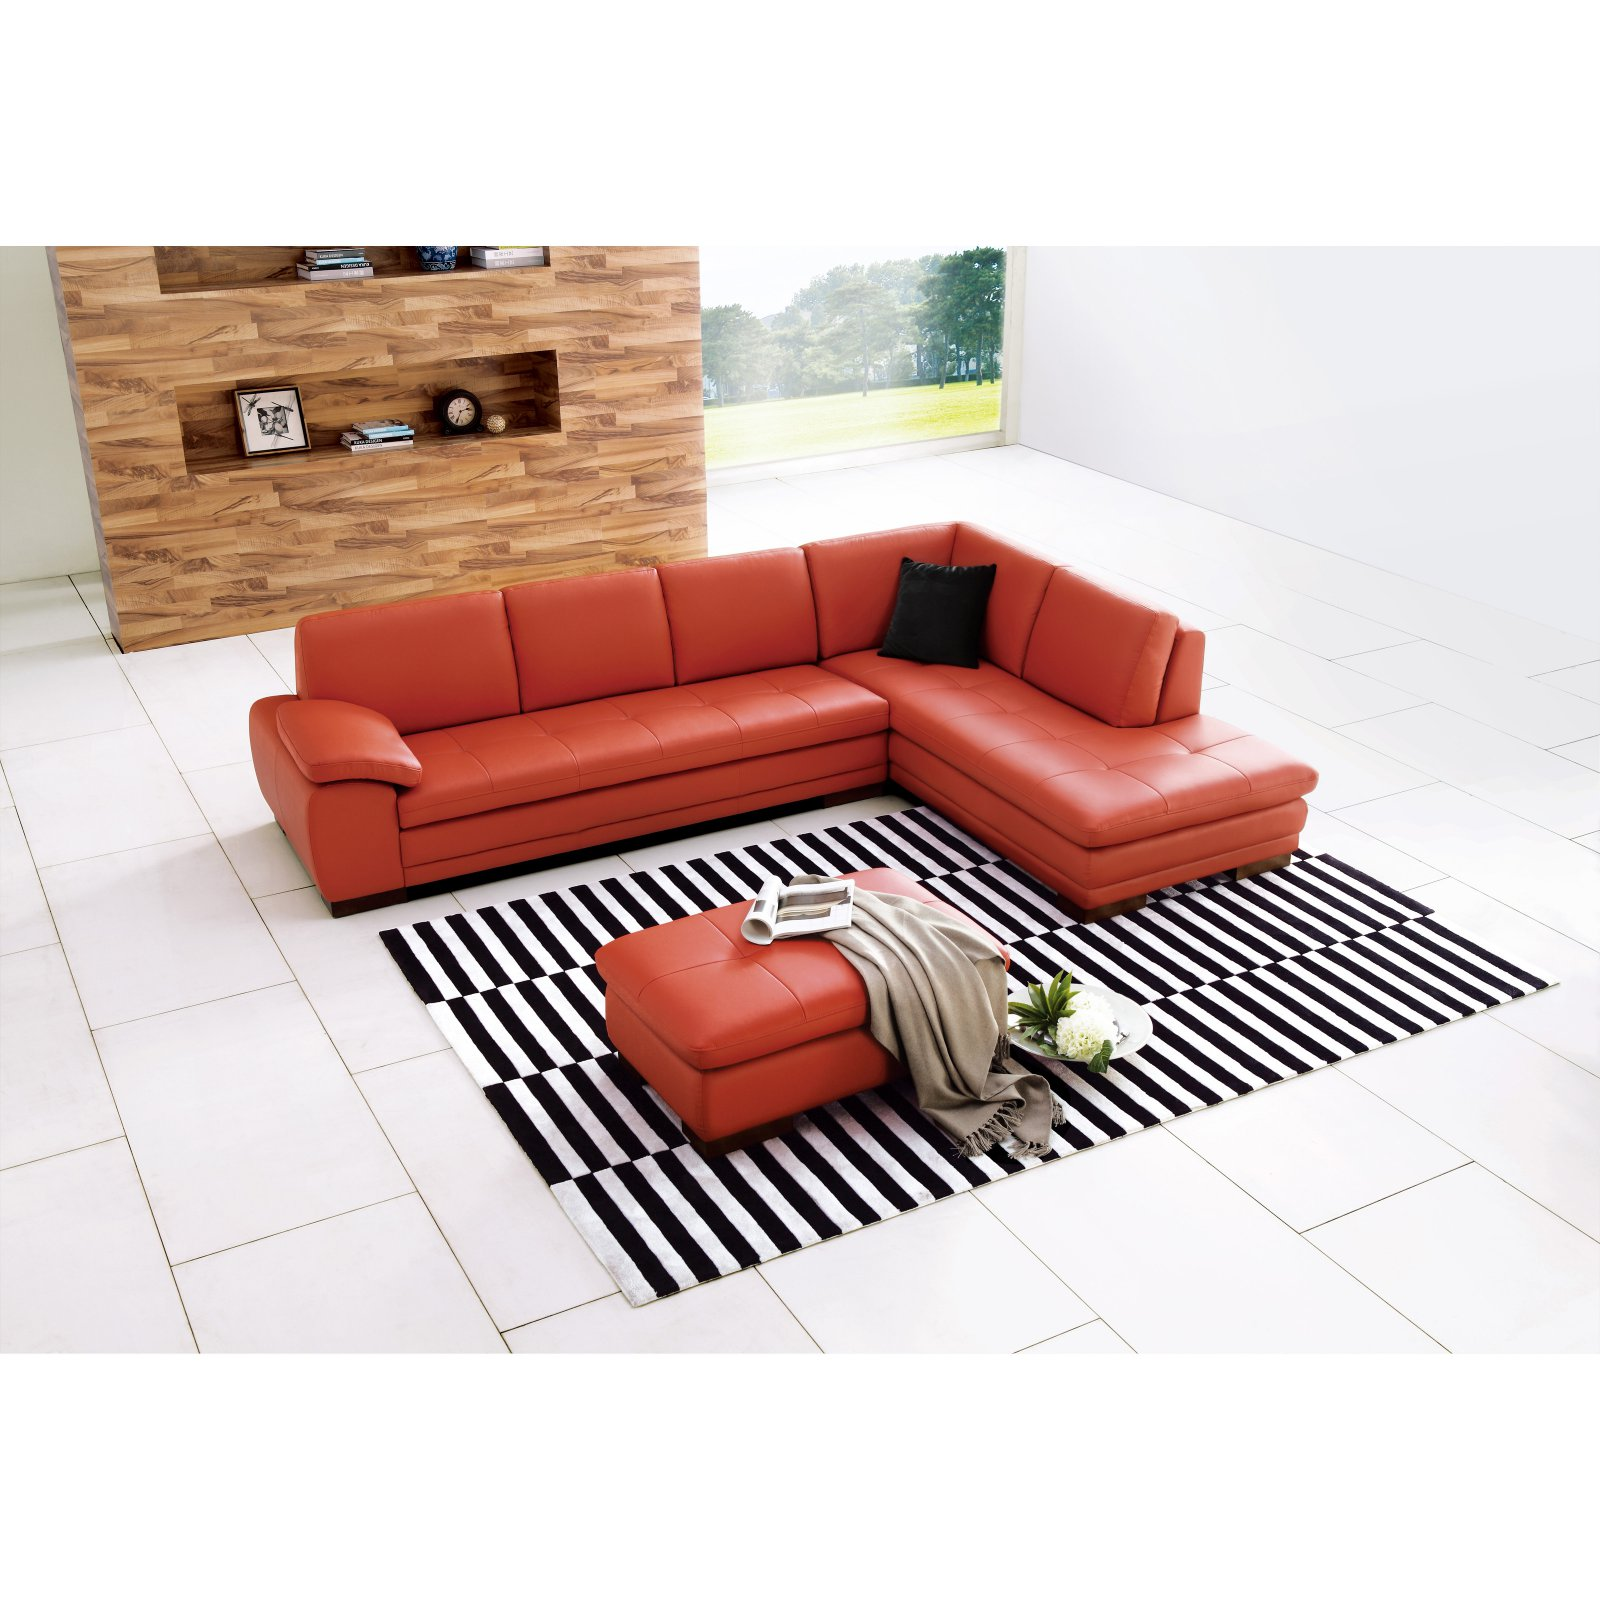 J&M Furniture 625 NL5102 Ottoman